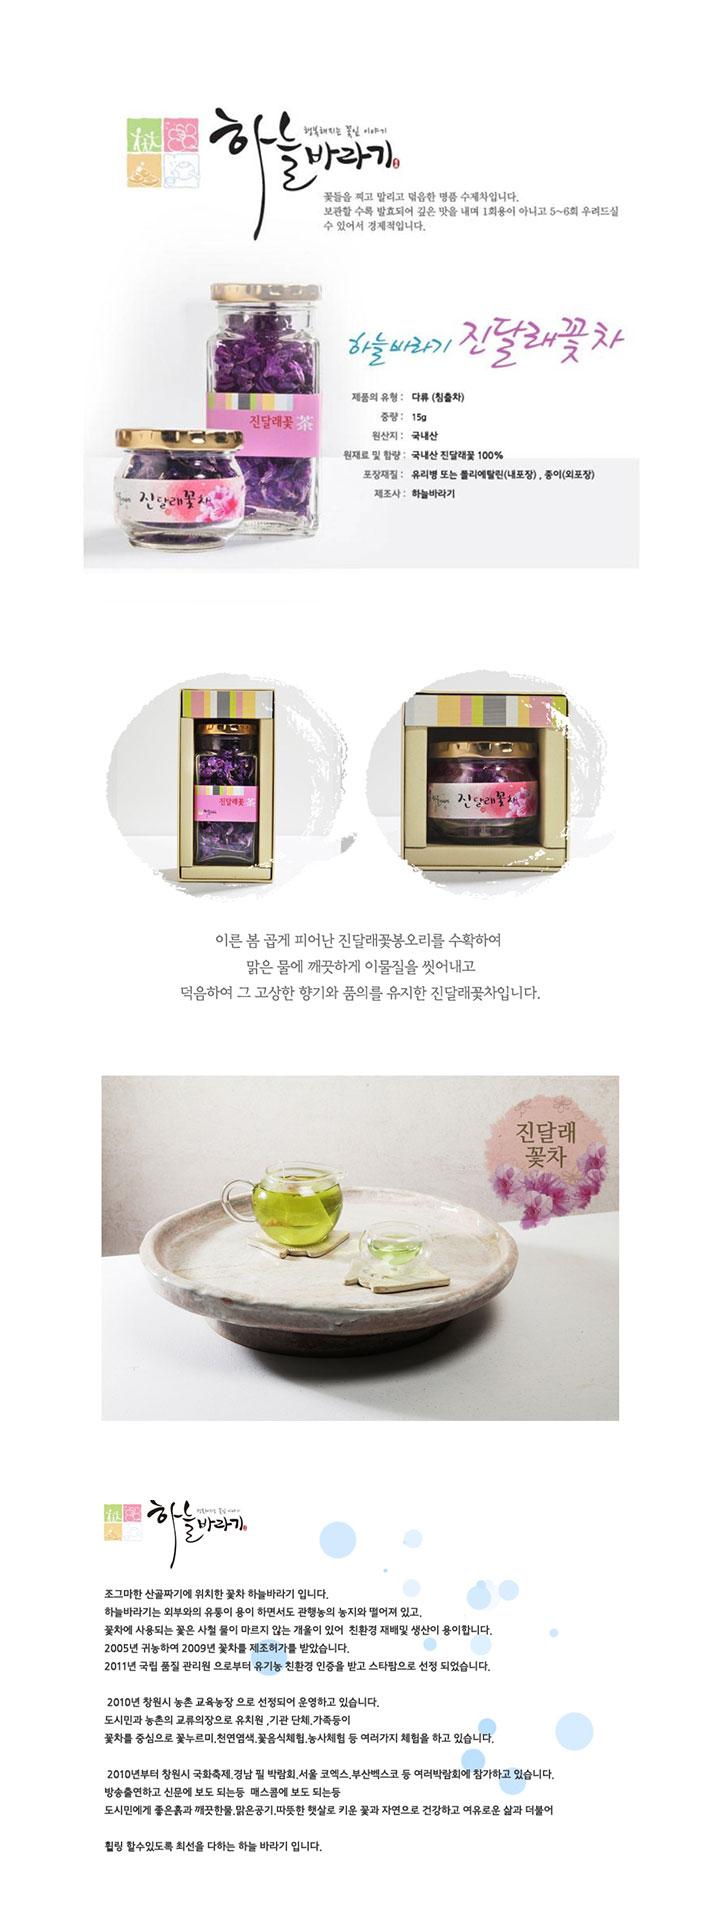 [ Hanulbaragi ] azalea flower tea 15g